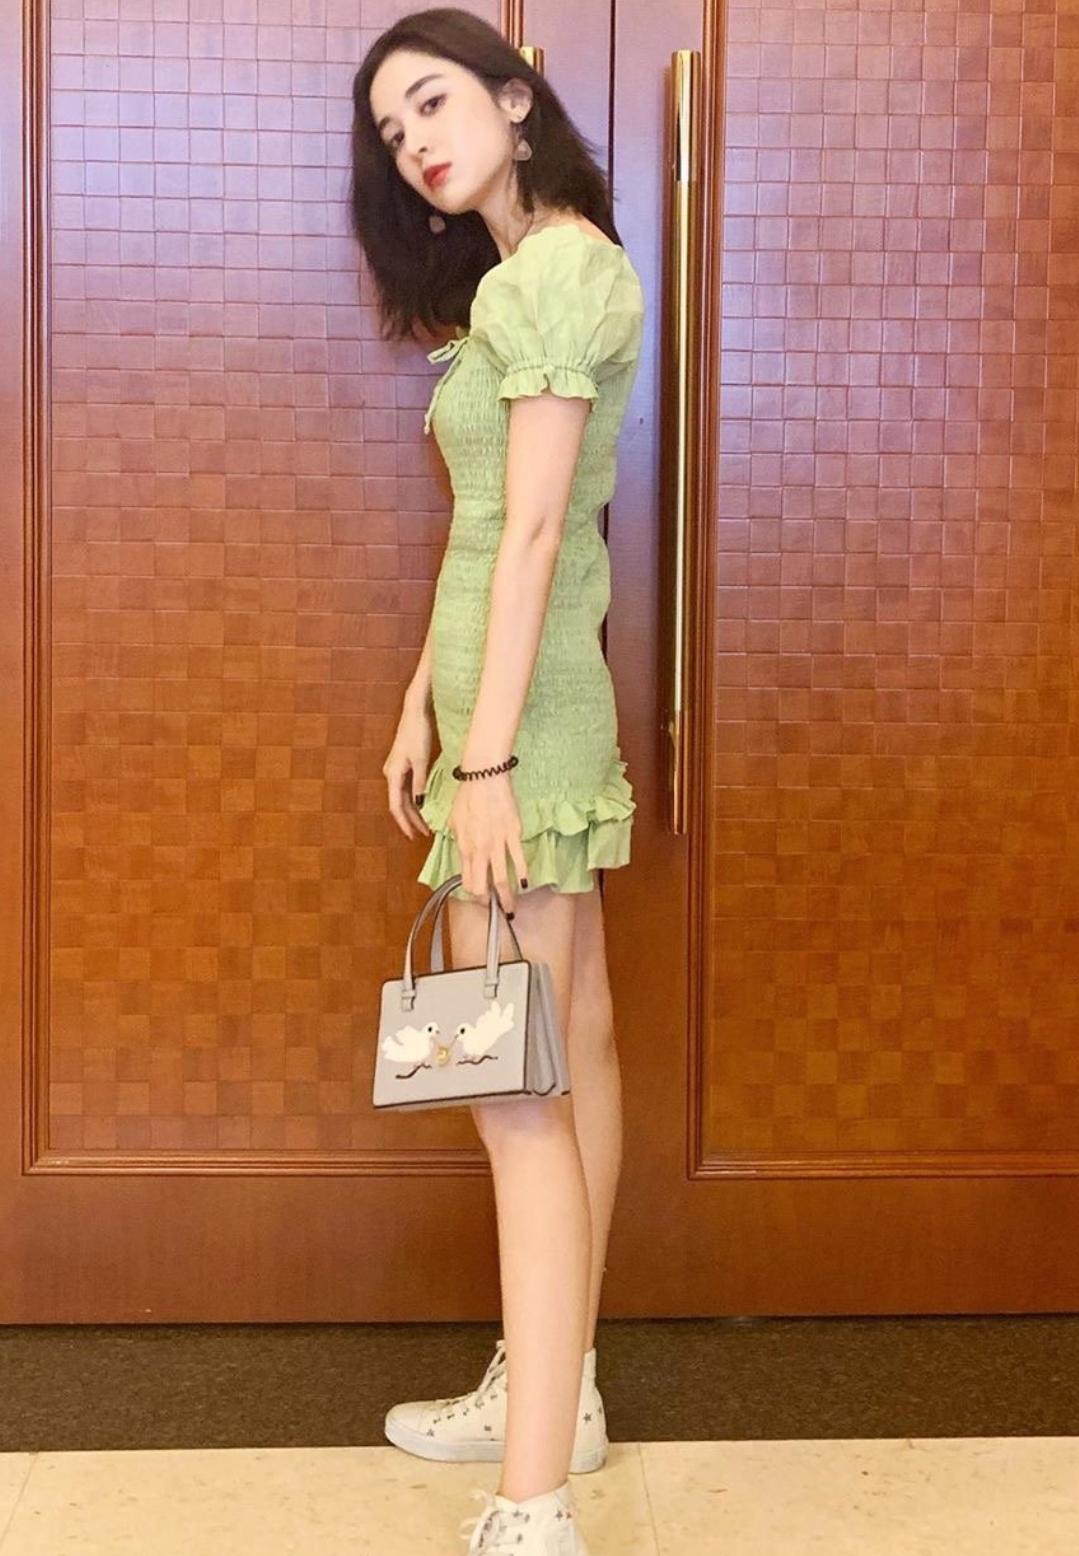 娜扎这包包,确实很高档,难怪她为了晒包站坐蹲姿势一个不落!